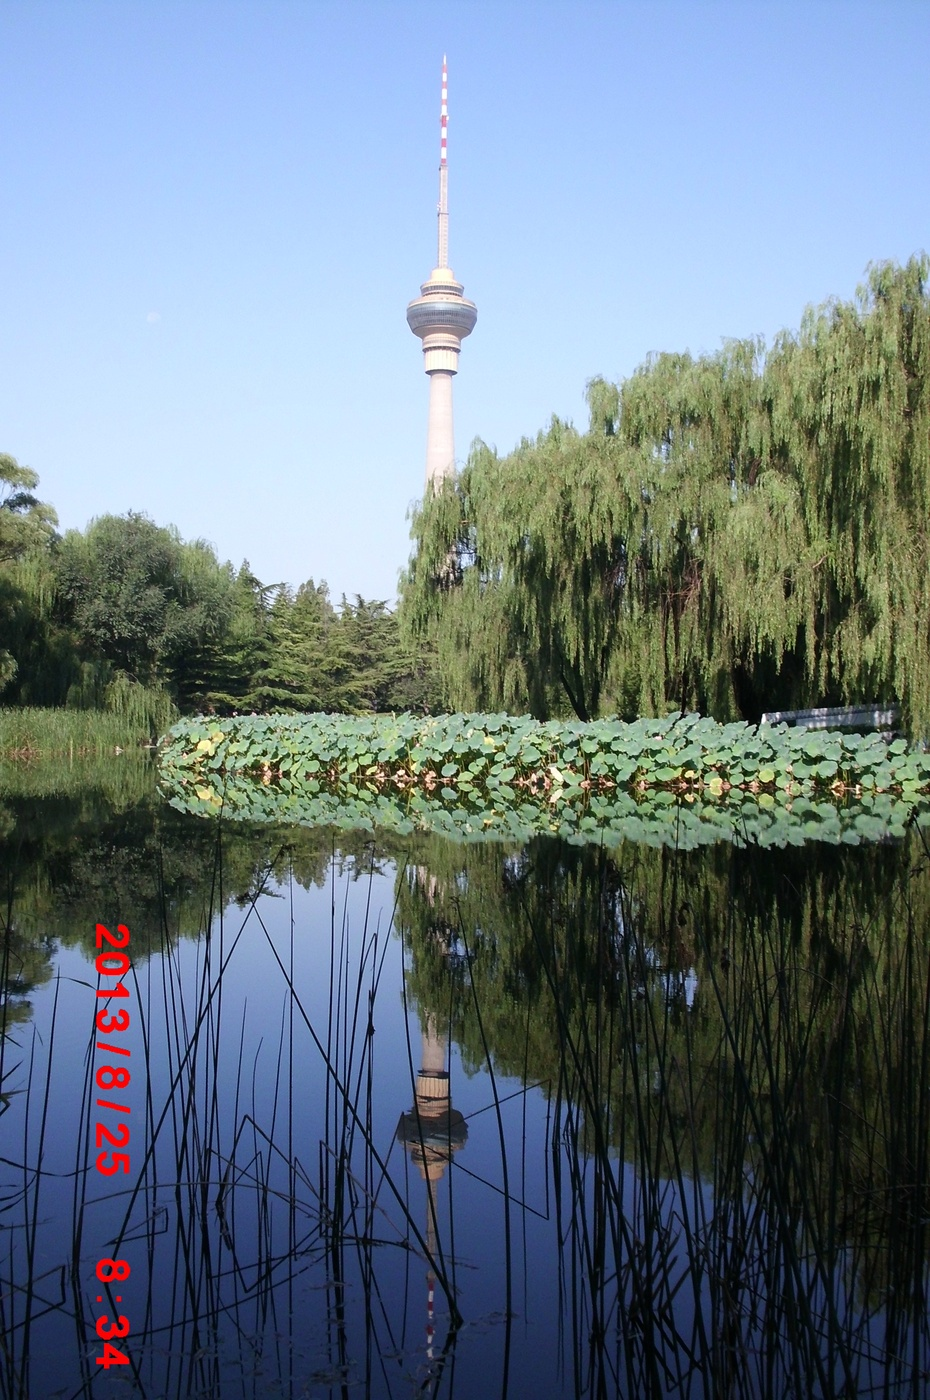 倒影中的美丽风景(原创) - ydq200888 - ydq200888的博客